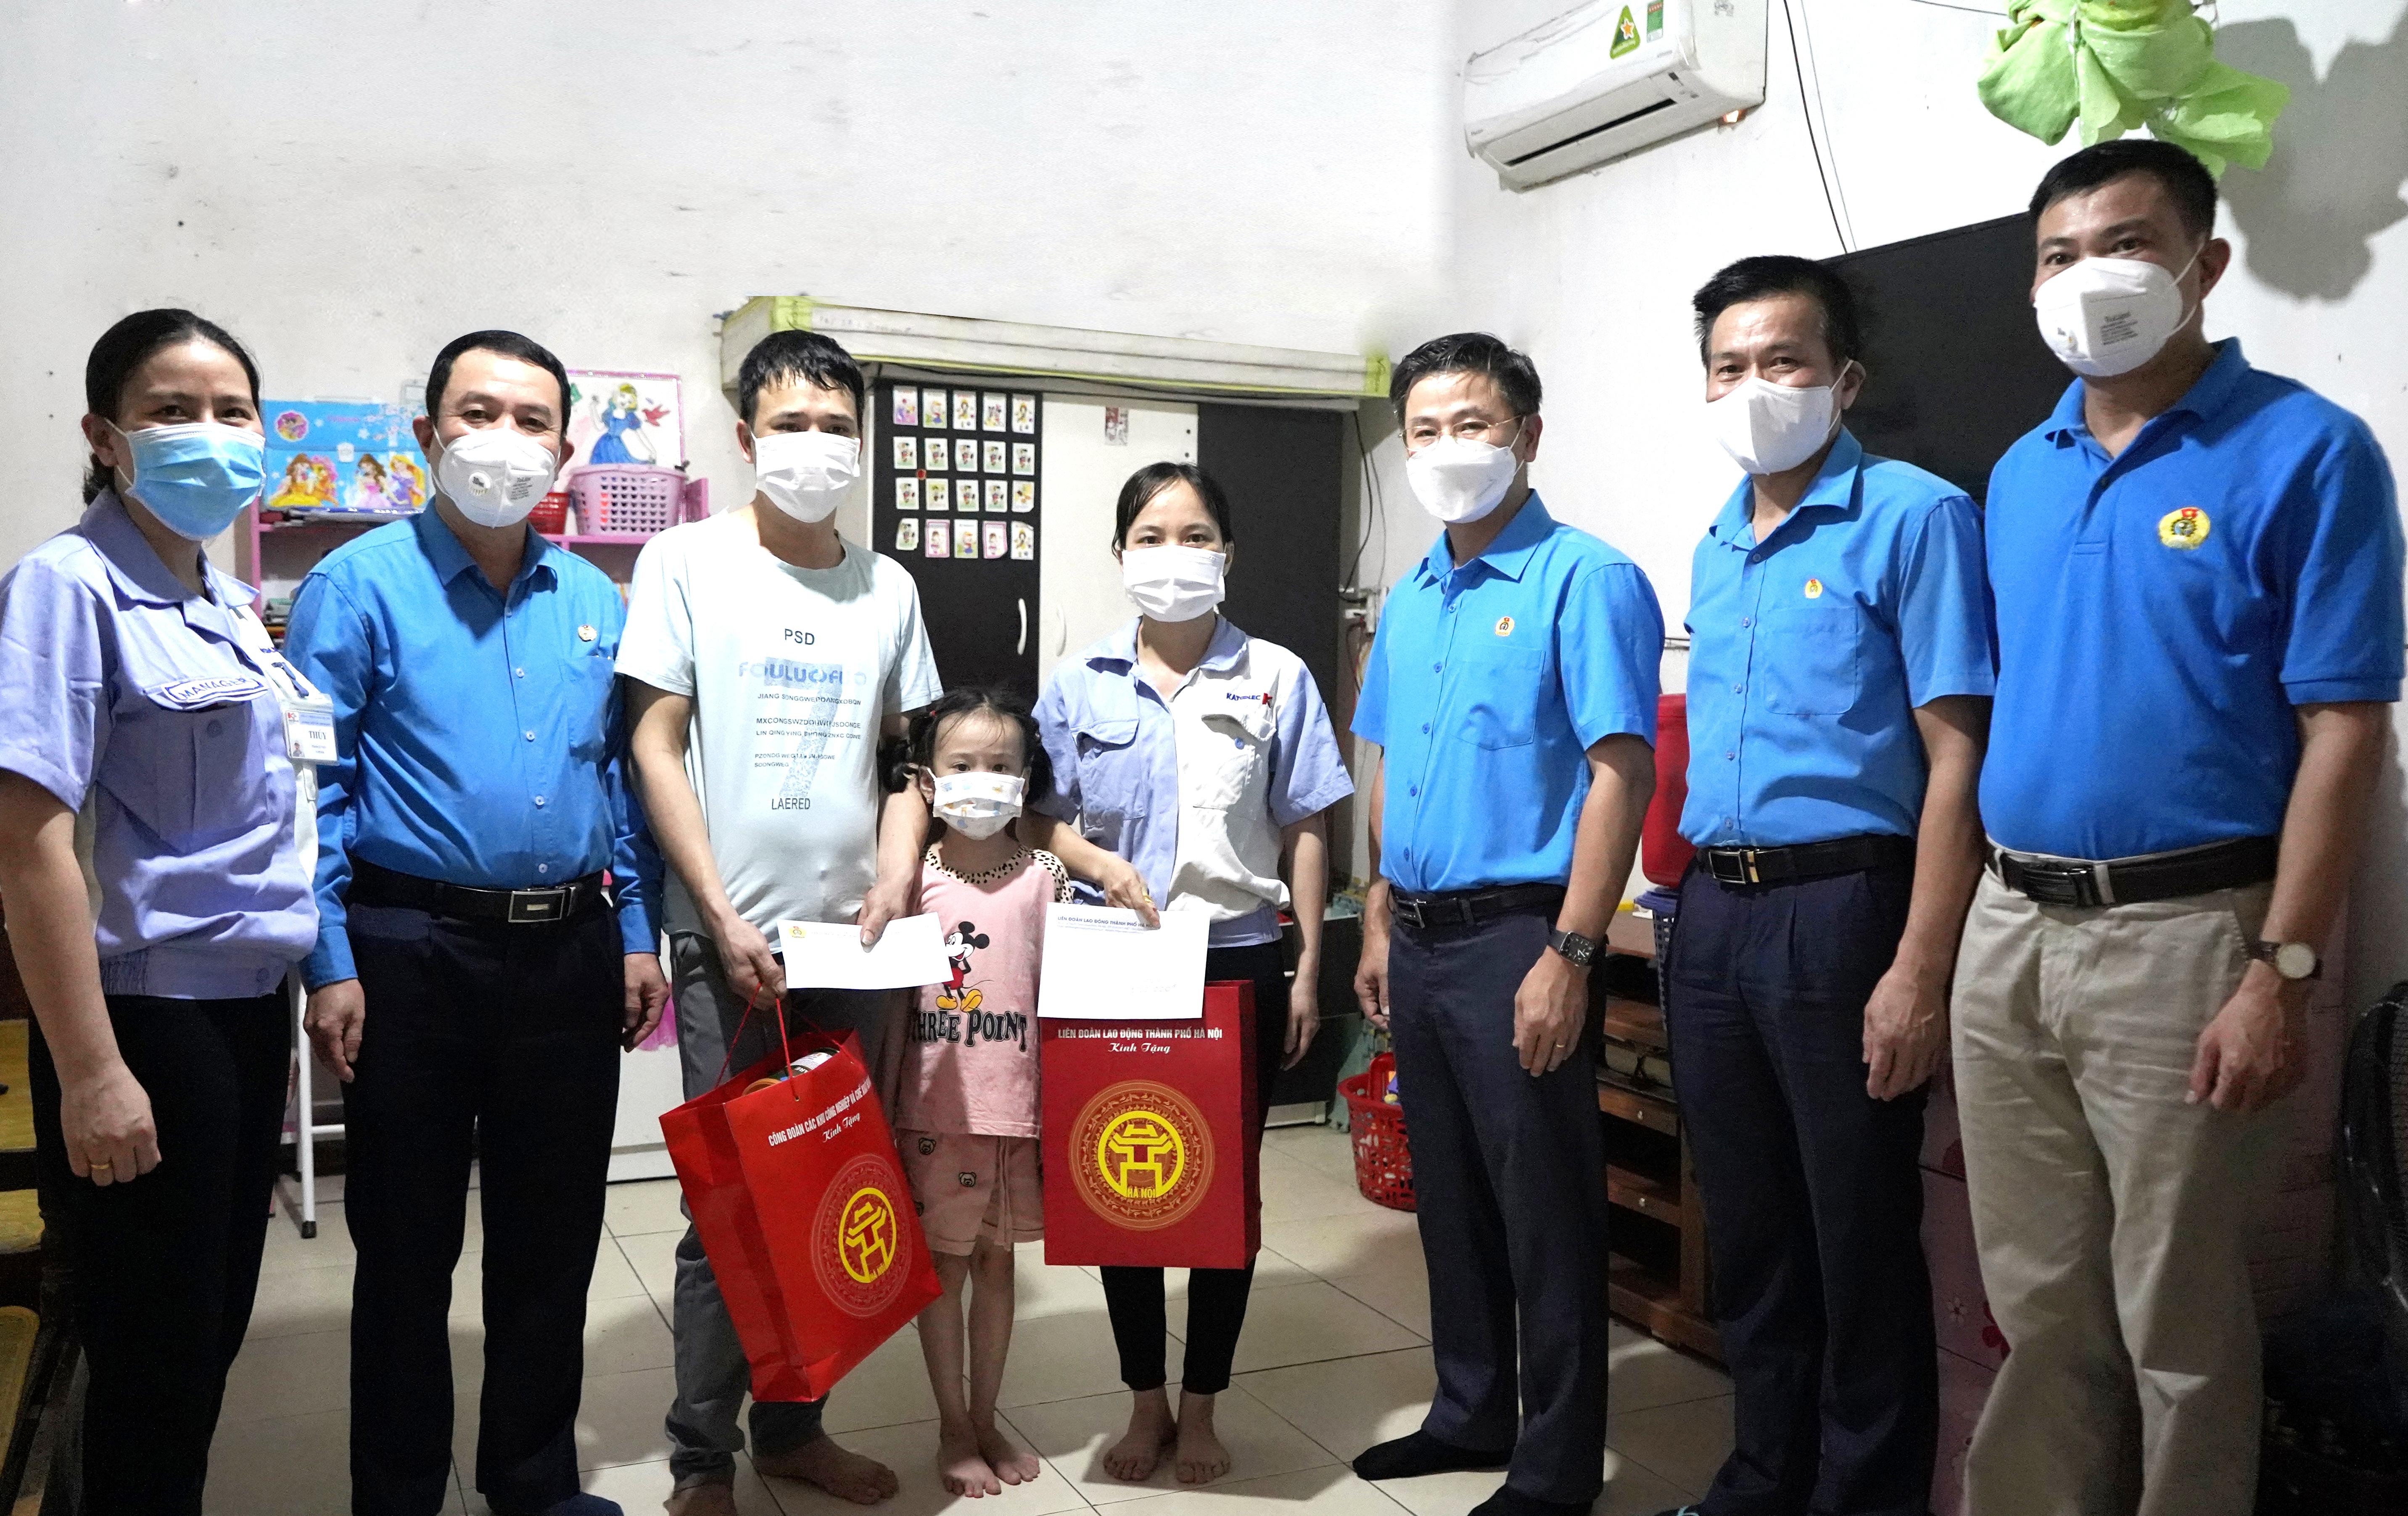 Chủ tịch Liên đoàn Lao động thành phố Hà Nội Nguyễn Phi Thường trao hỗ trợ cho người lao động bị ảnh hưởng bởi dịch Covid-19